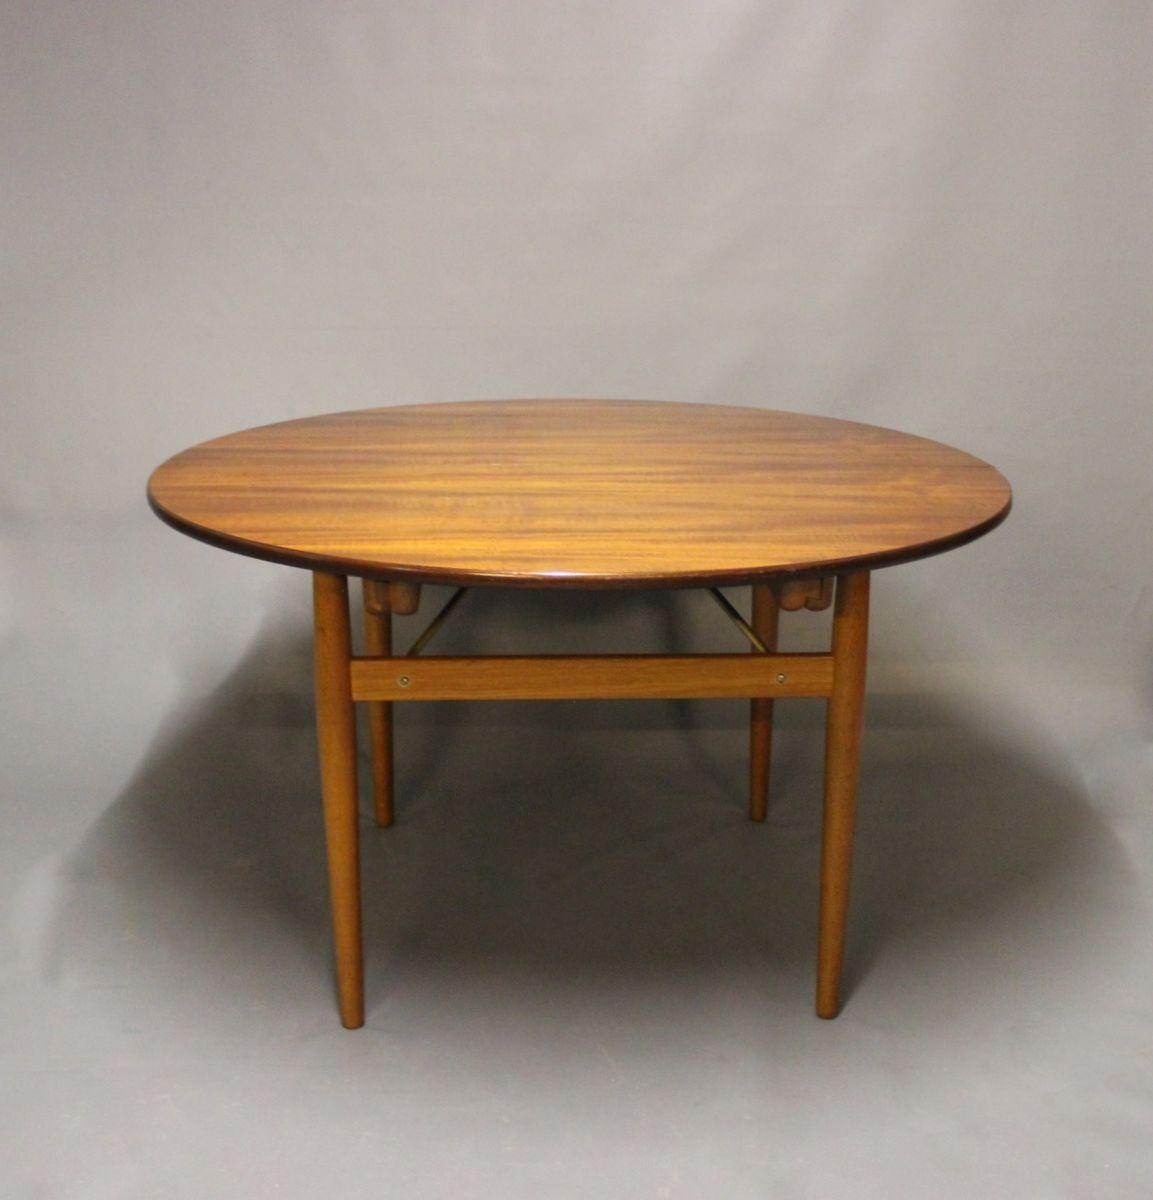 runder teak und eichenholz tisch mit verl ngerungen von hans j wegner 1960er bei pamono kaufen. Black Bedroom Furniture Sets. Home Design Ideas